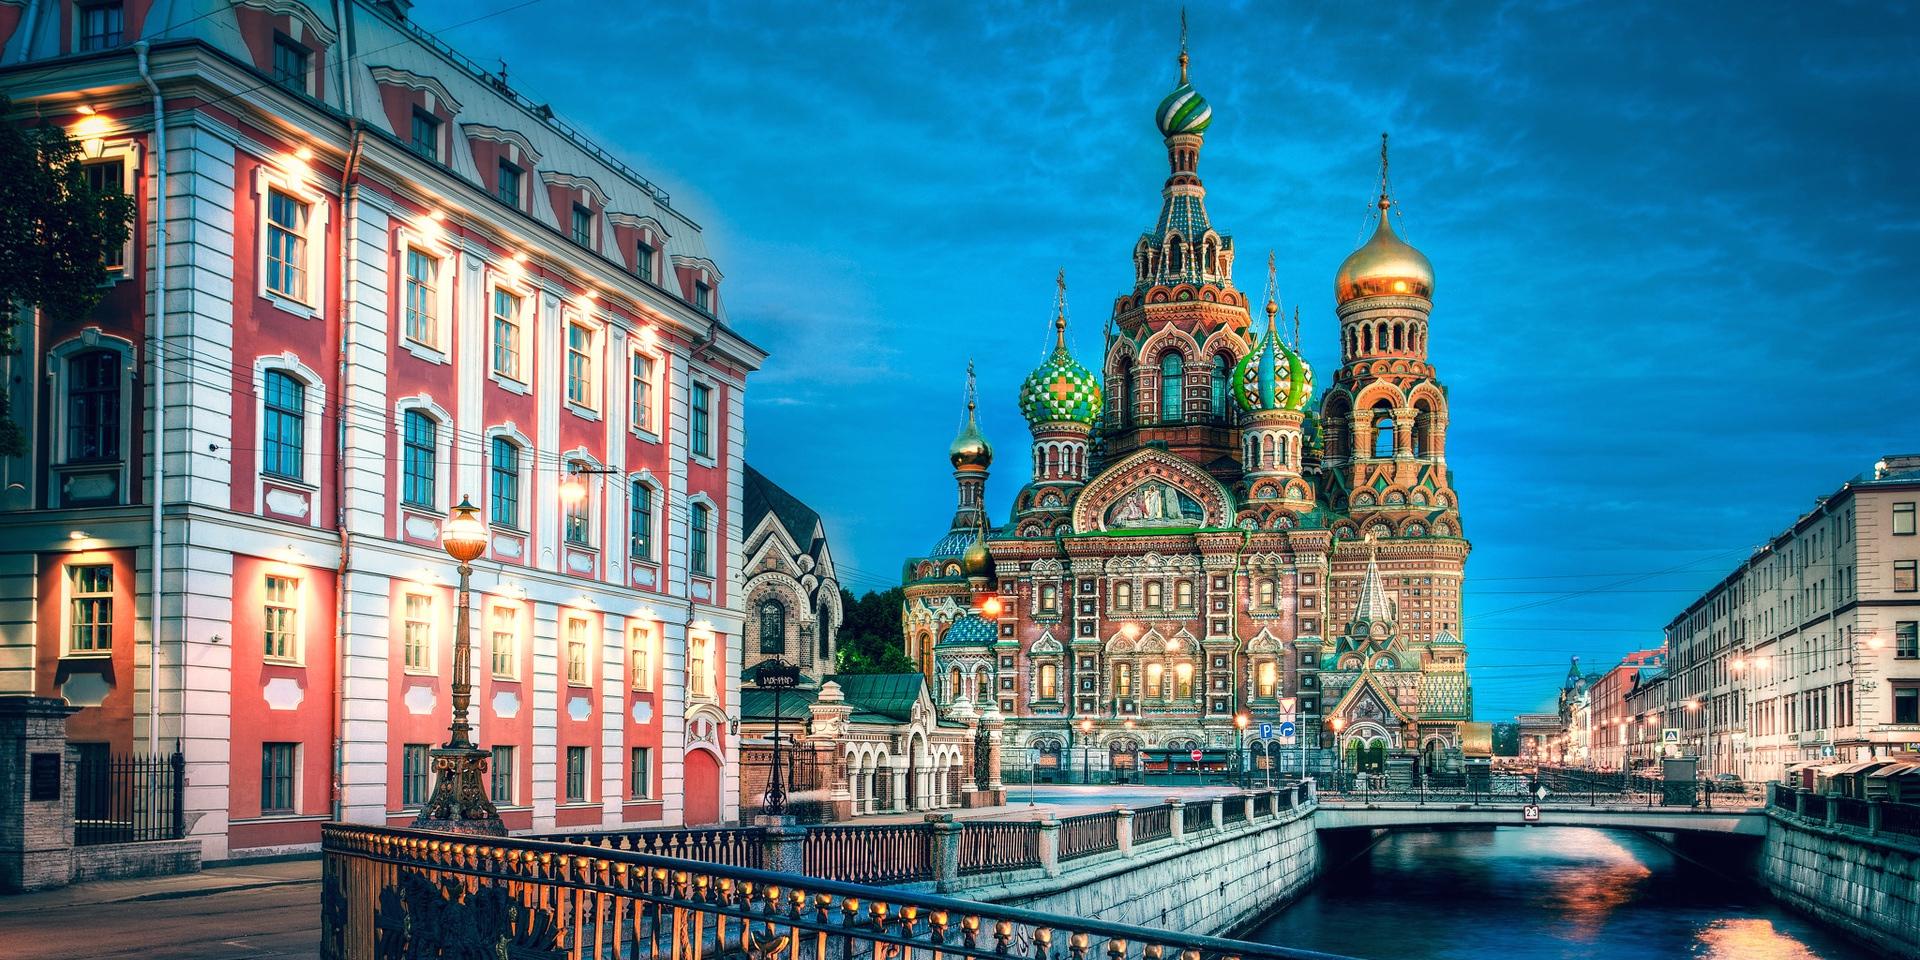 bezienswaardigheden St Petersburg, Russia